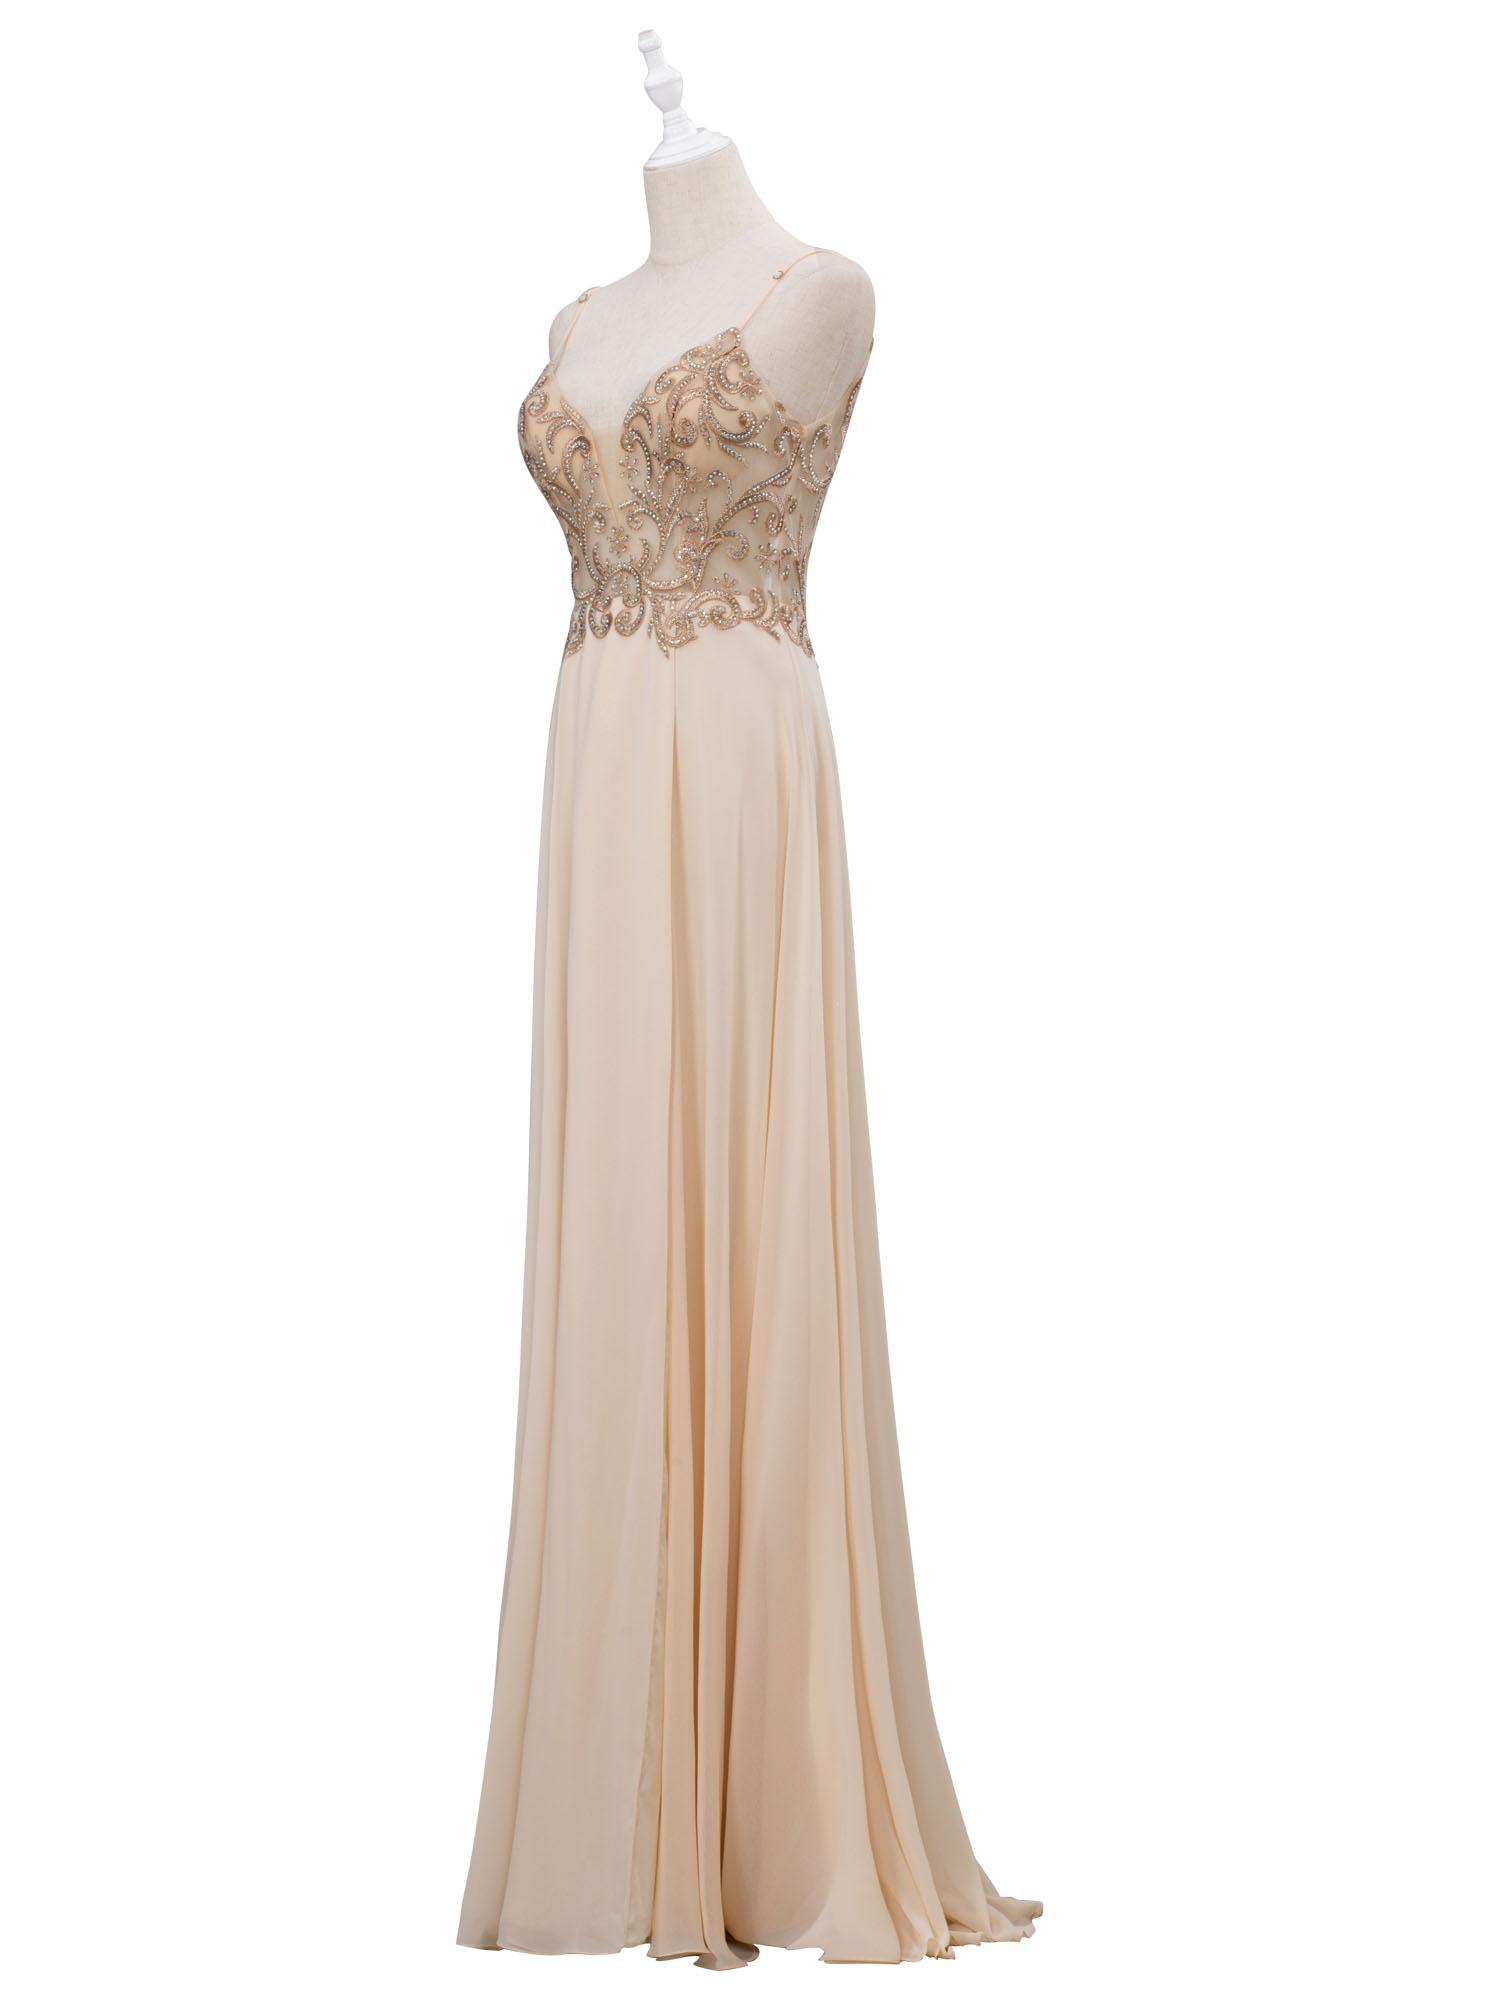 Long Illusion Lace-Bodice Open-Back Chiffon Prom Dress